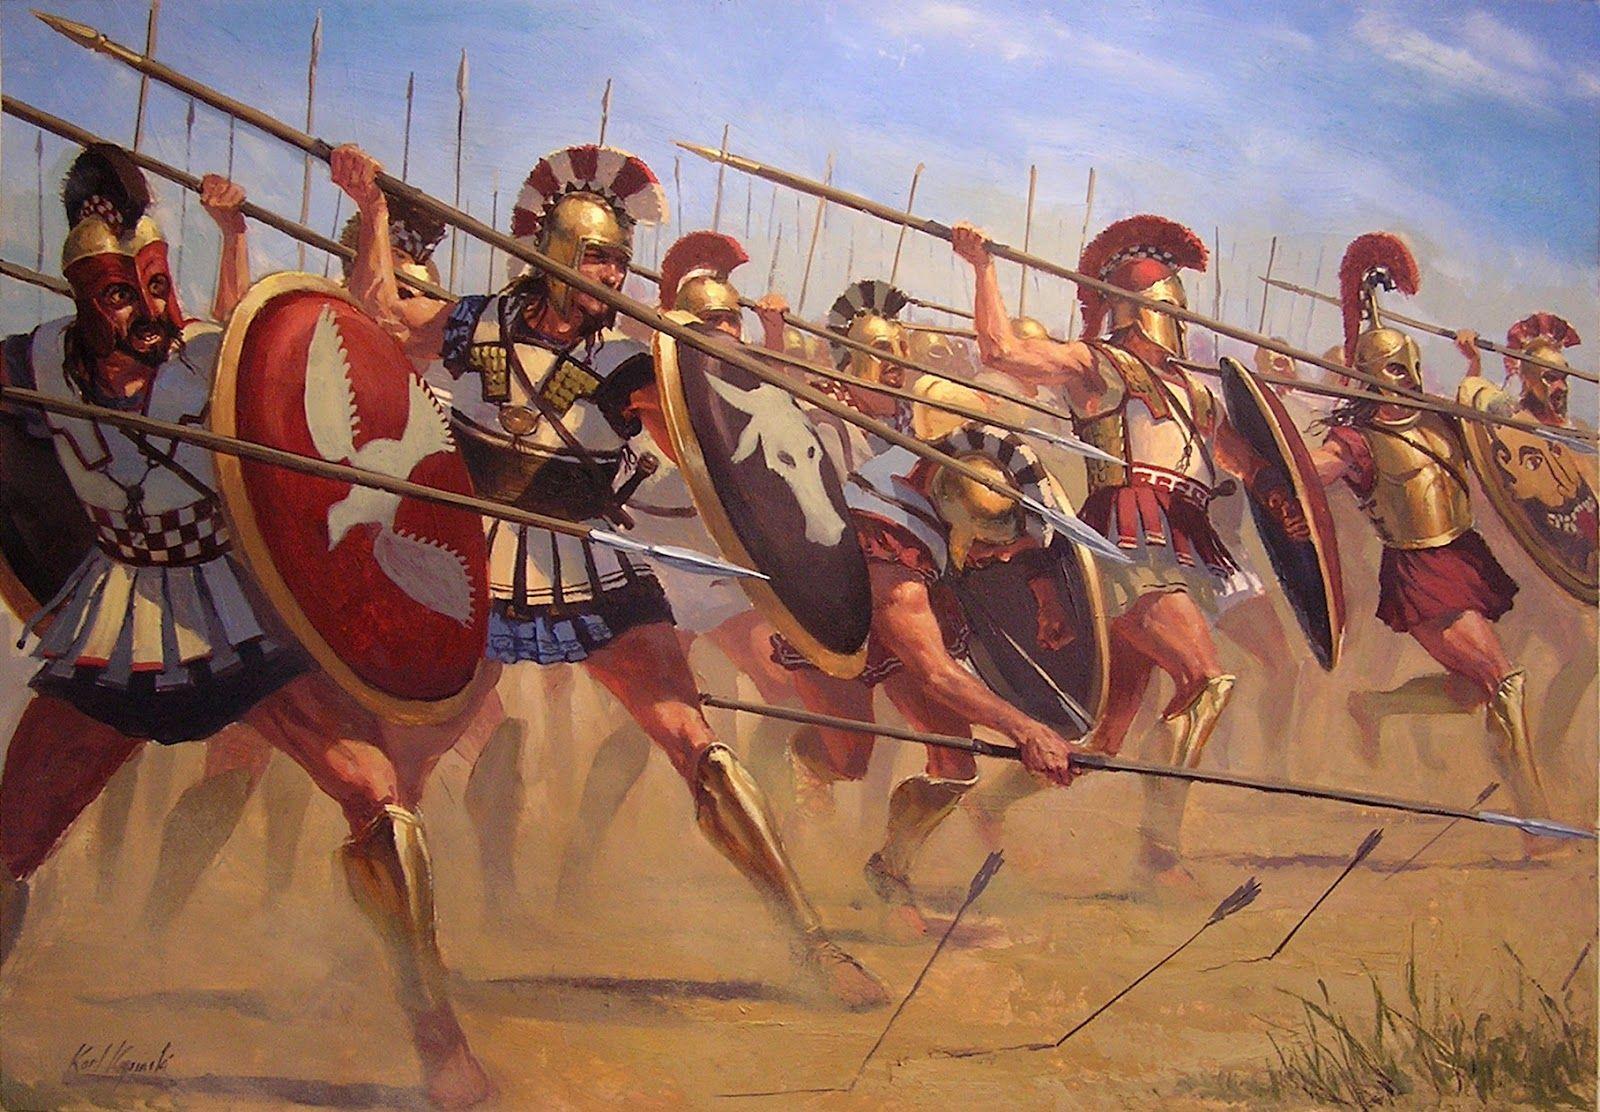 Античный боевик: невероятное отступление 10 тысяч греческих наемников из Персии фото